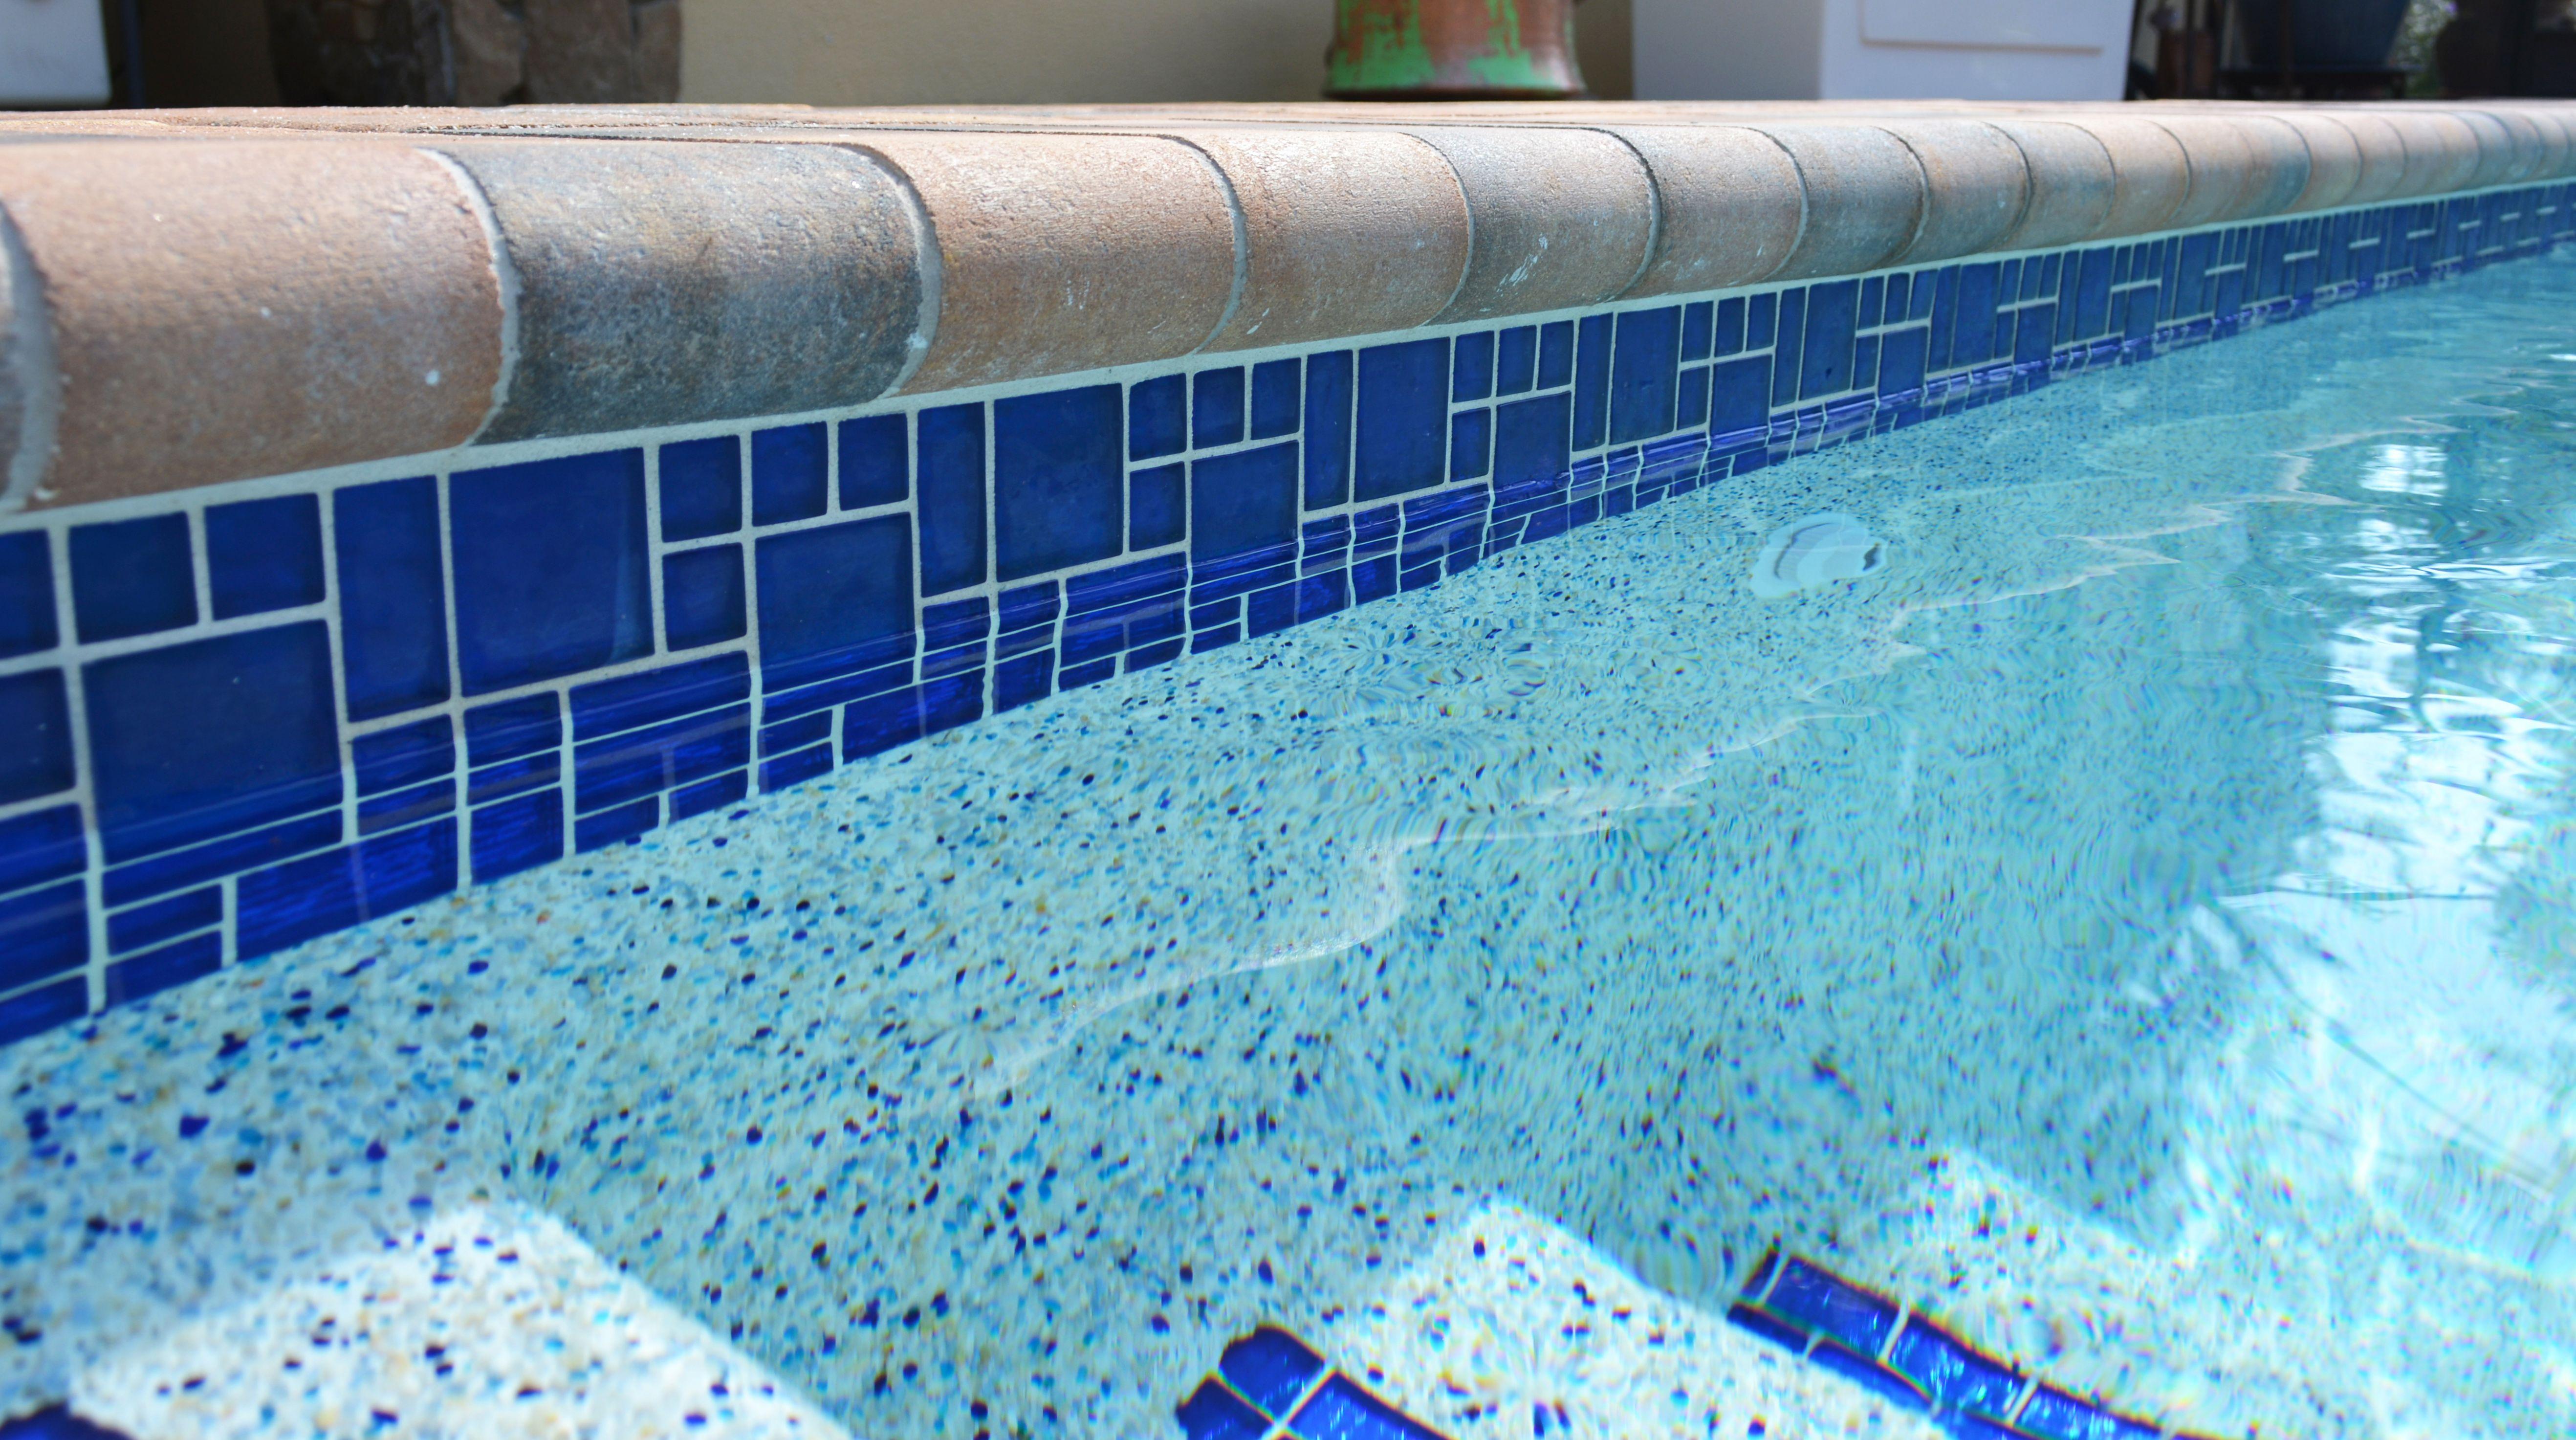 Galaxy Series Cobalt Glass Mosaic Tiles Glass Tile Mosaic Glass